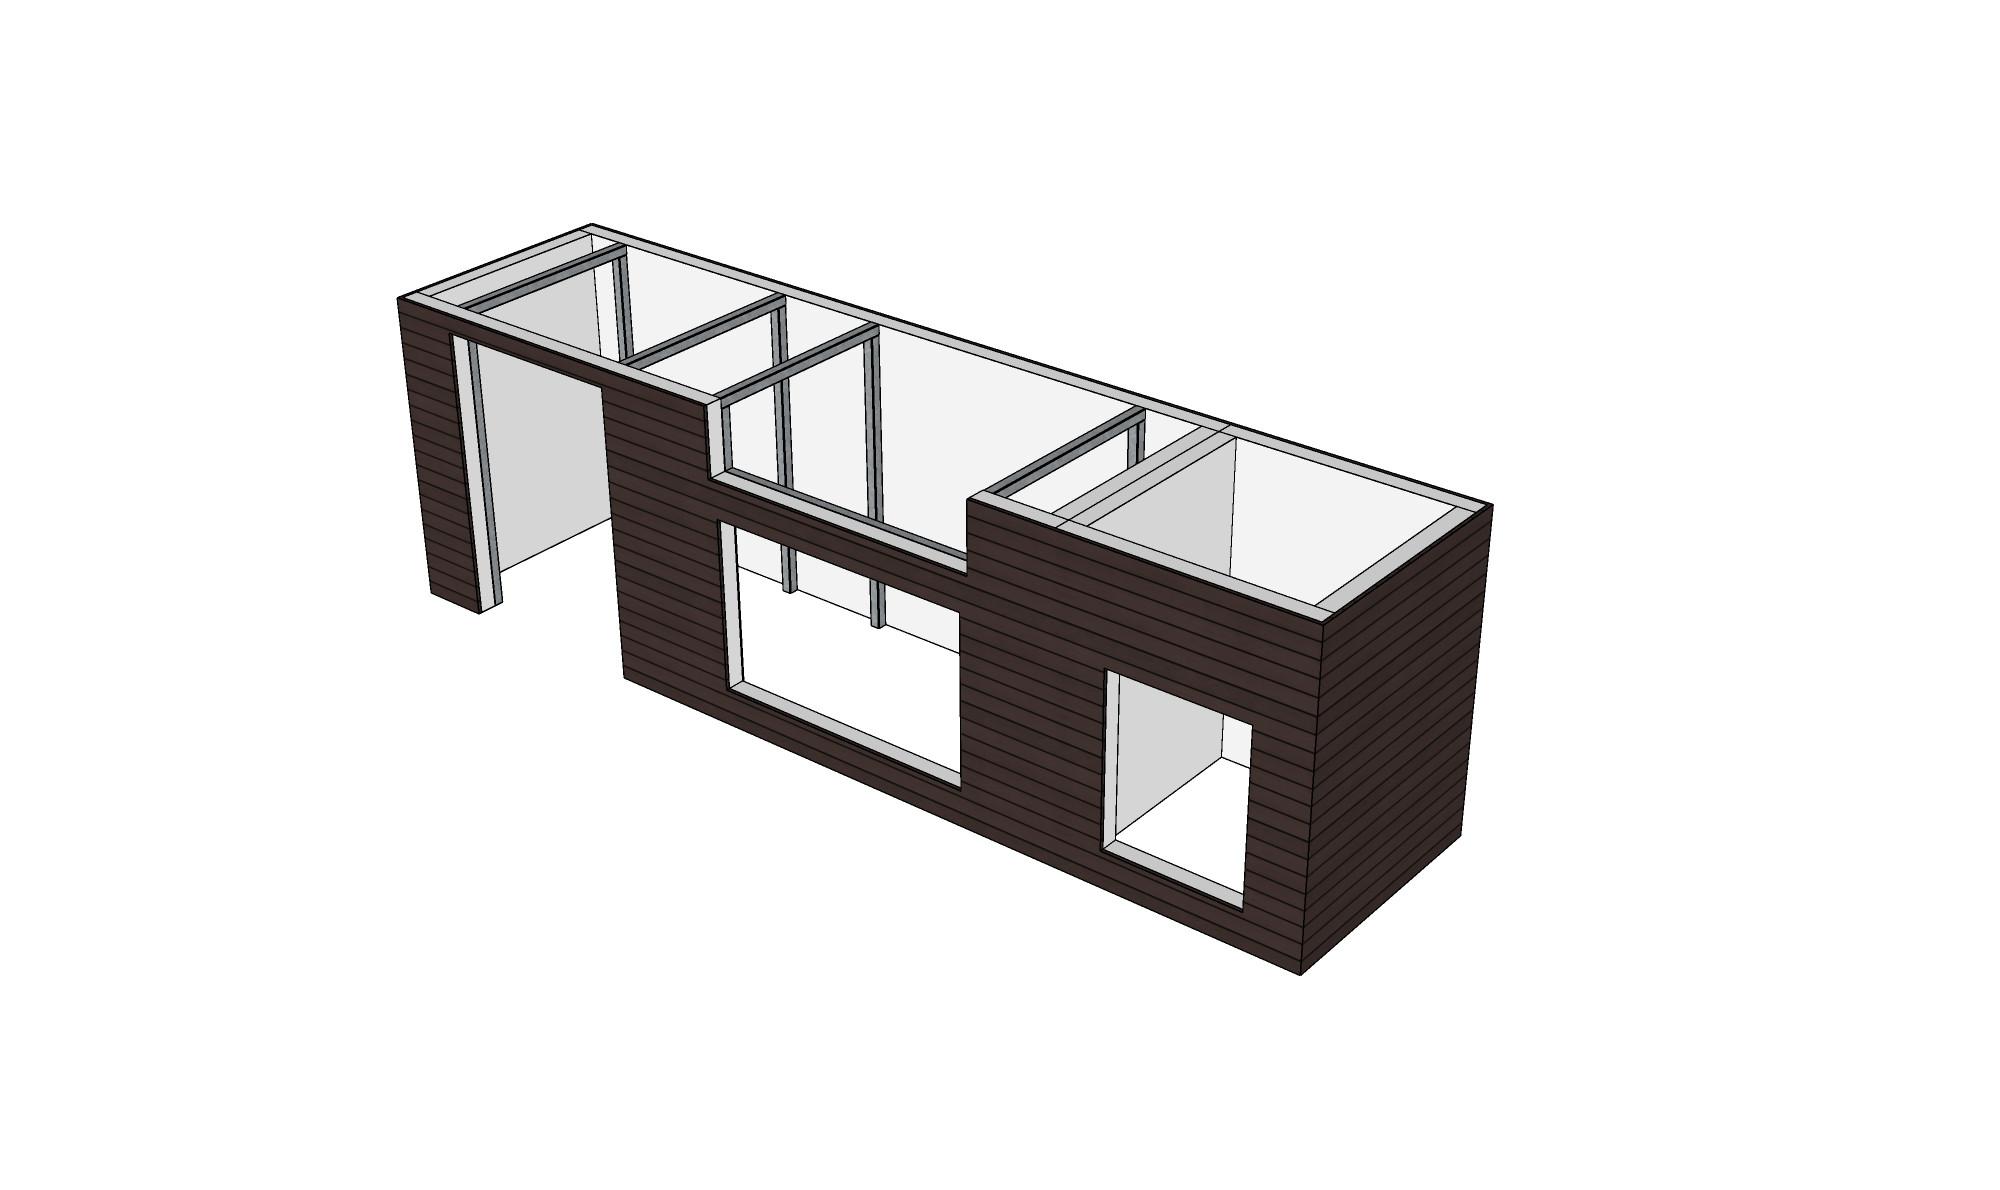 outdoor k che mit system einfach selbst bauen. Black Bedroom Furniture Sets. Home Design Ideas